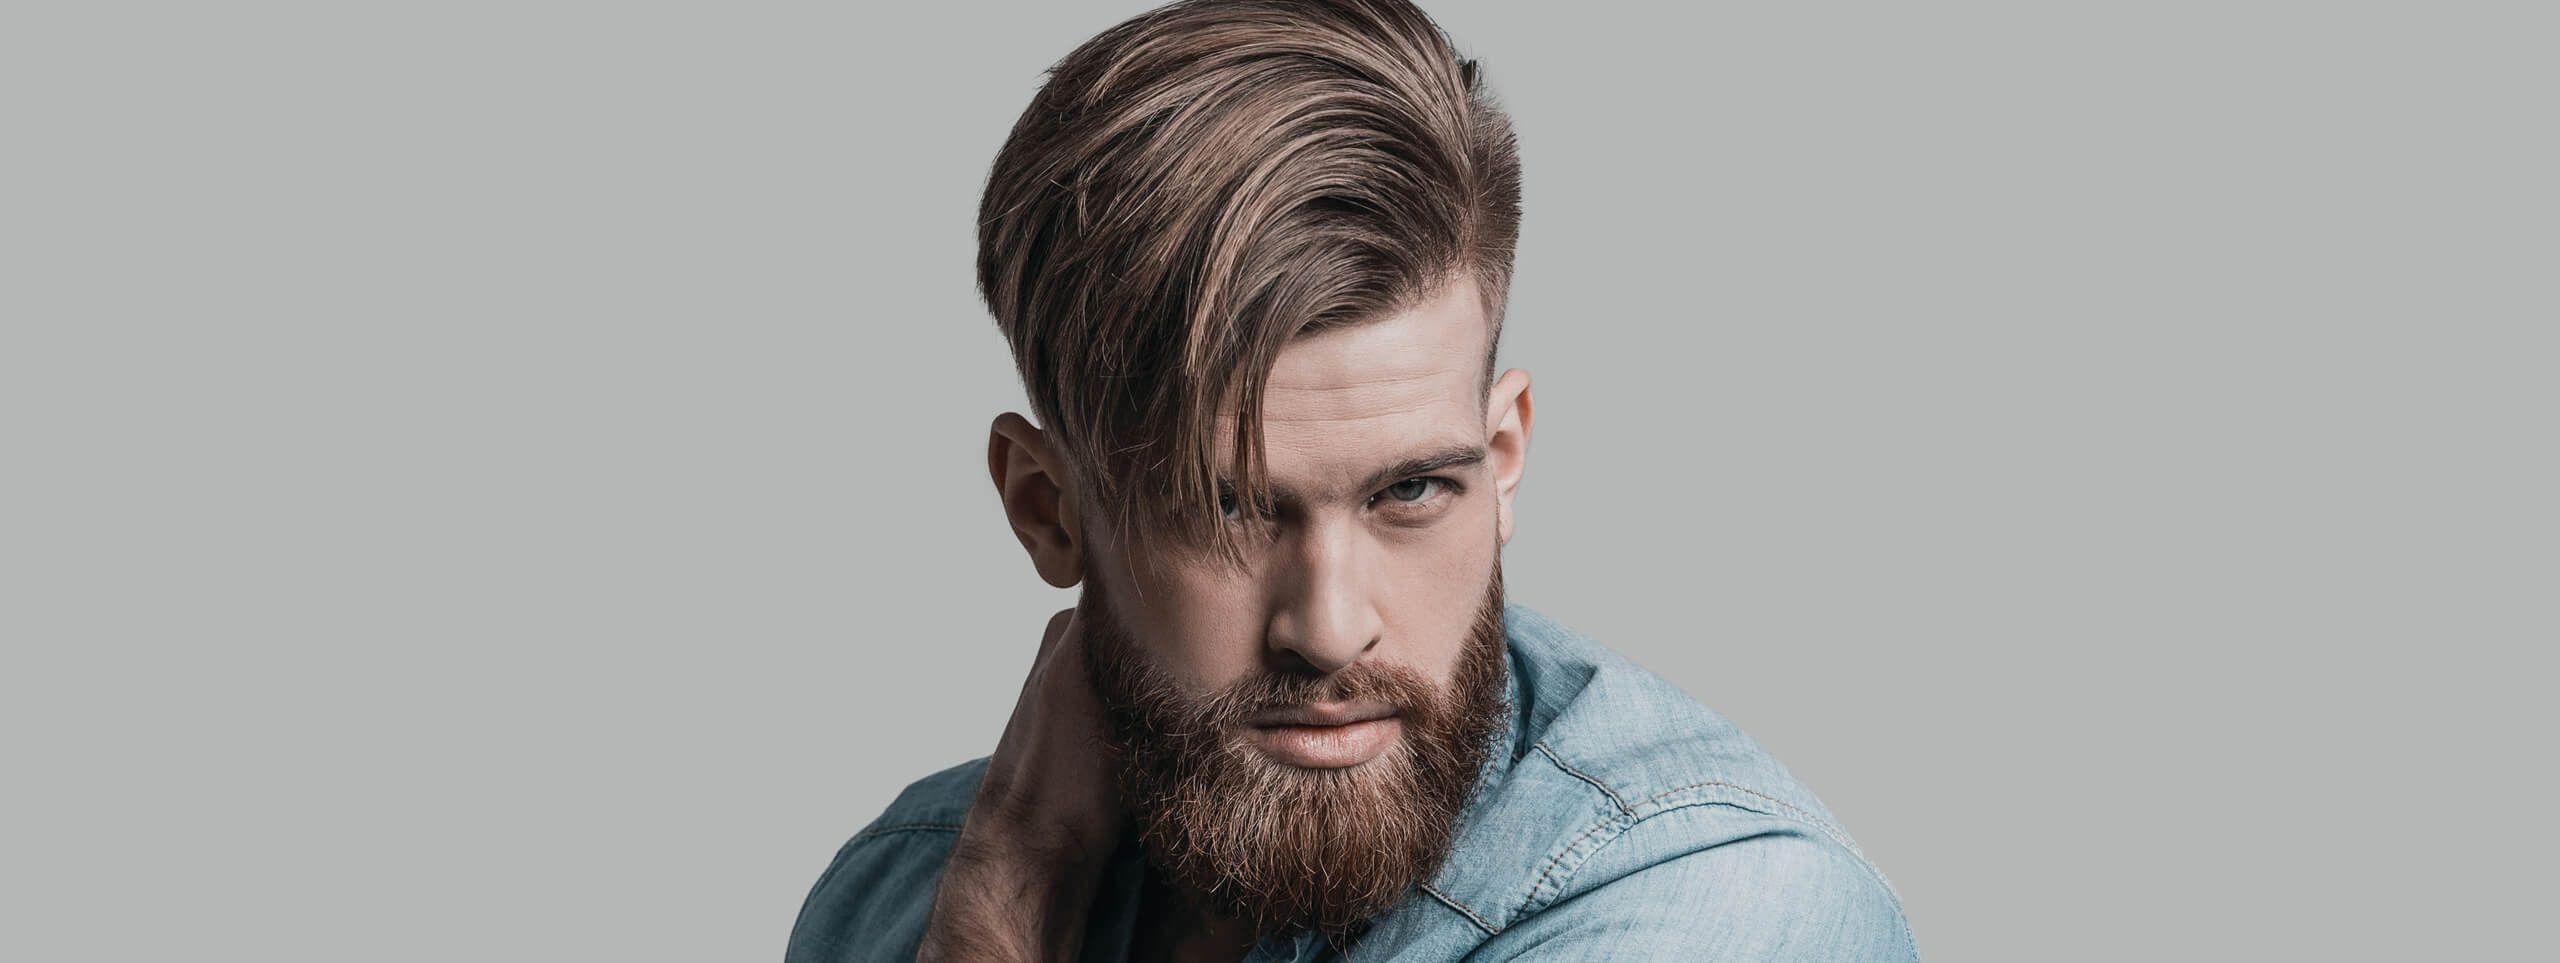 Ragazzo con undercut e barba